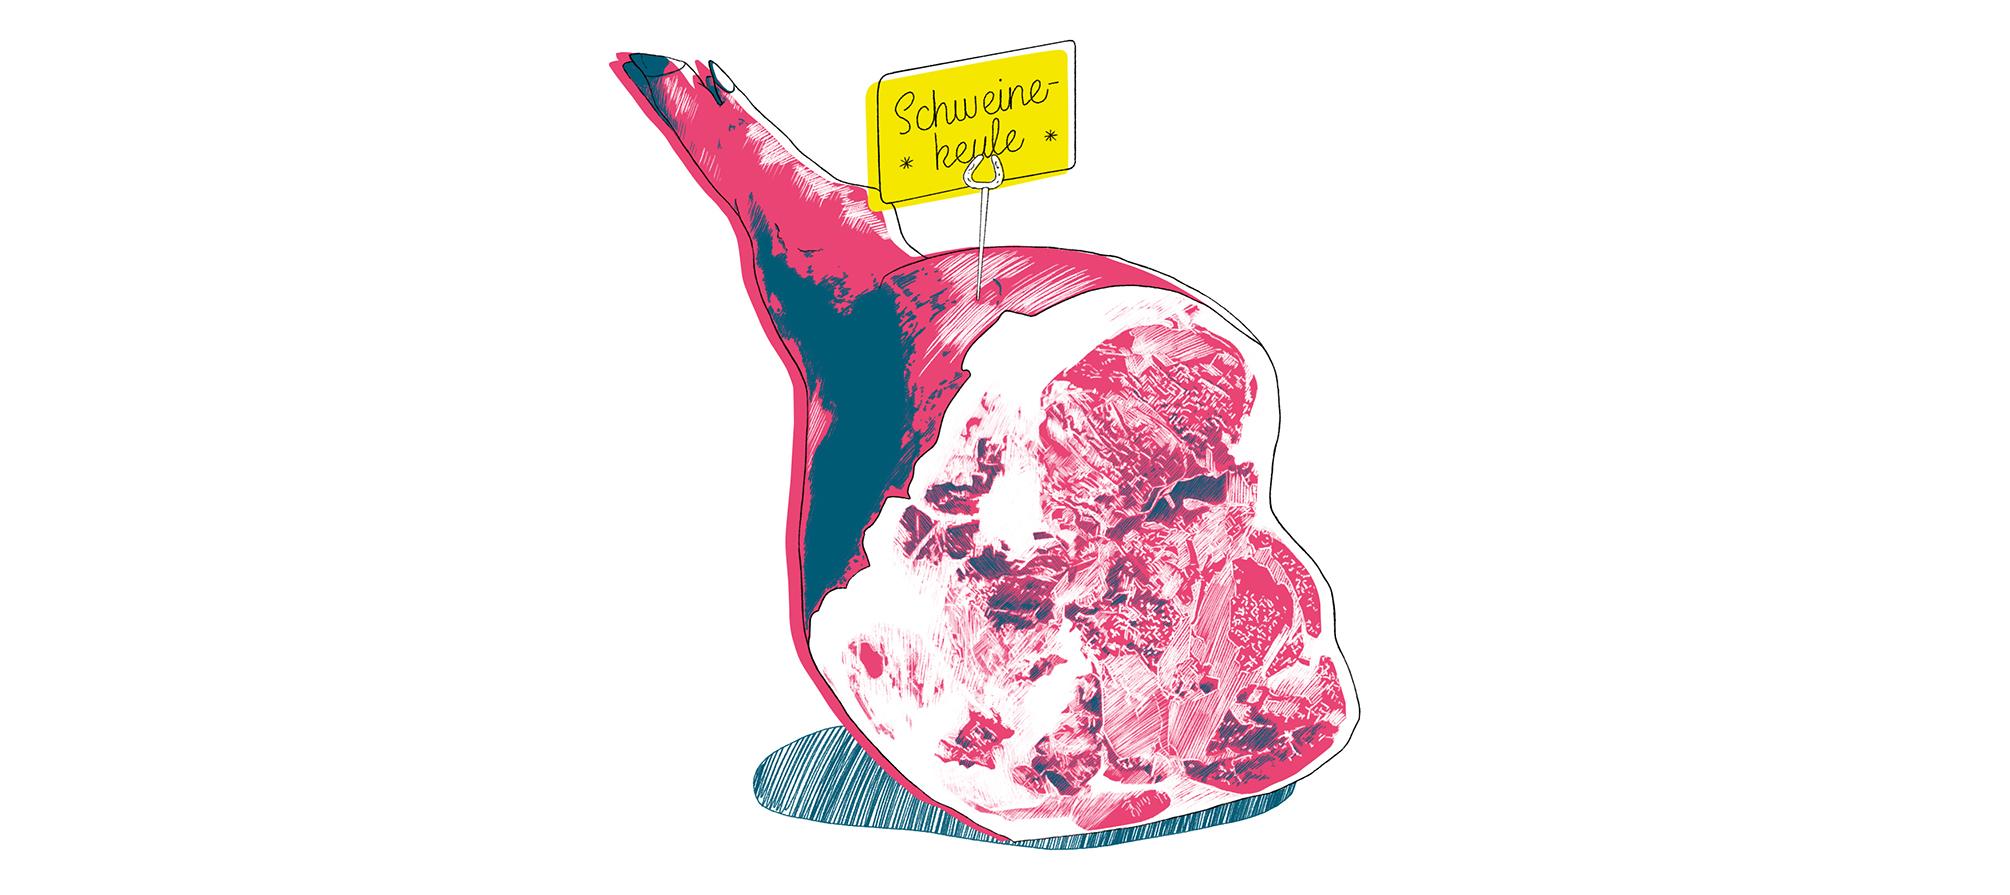 Küchenkultur Illustrationen Mett, Food Illustrations ground pork